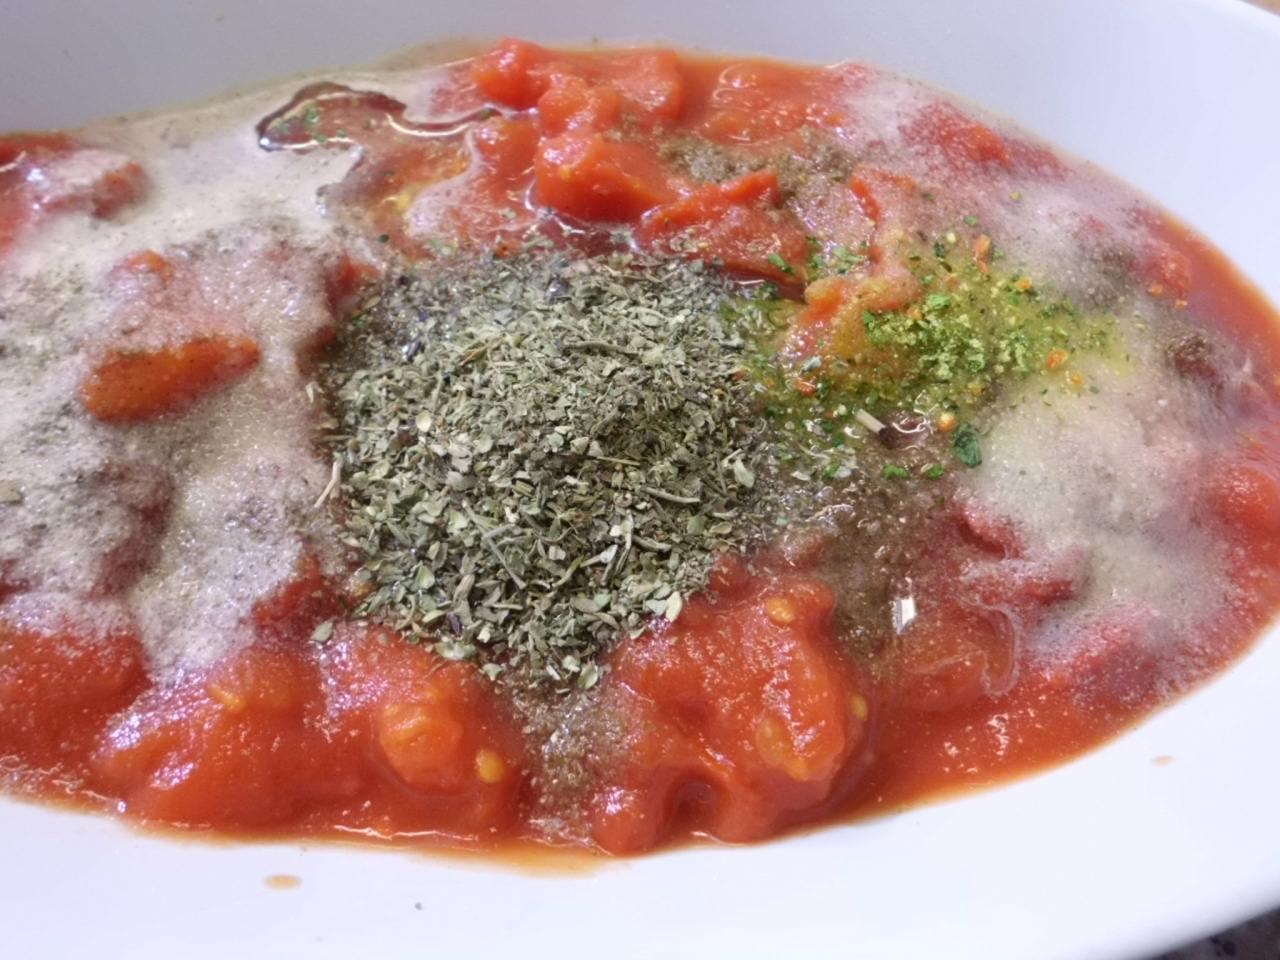 die Tomatensauce mit mit Pfeffer und Salz, Gewürze und Kräuter abgeschmeckt